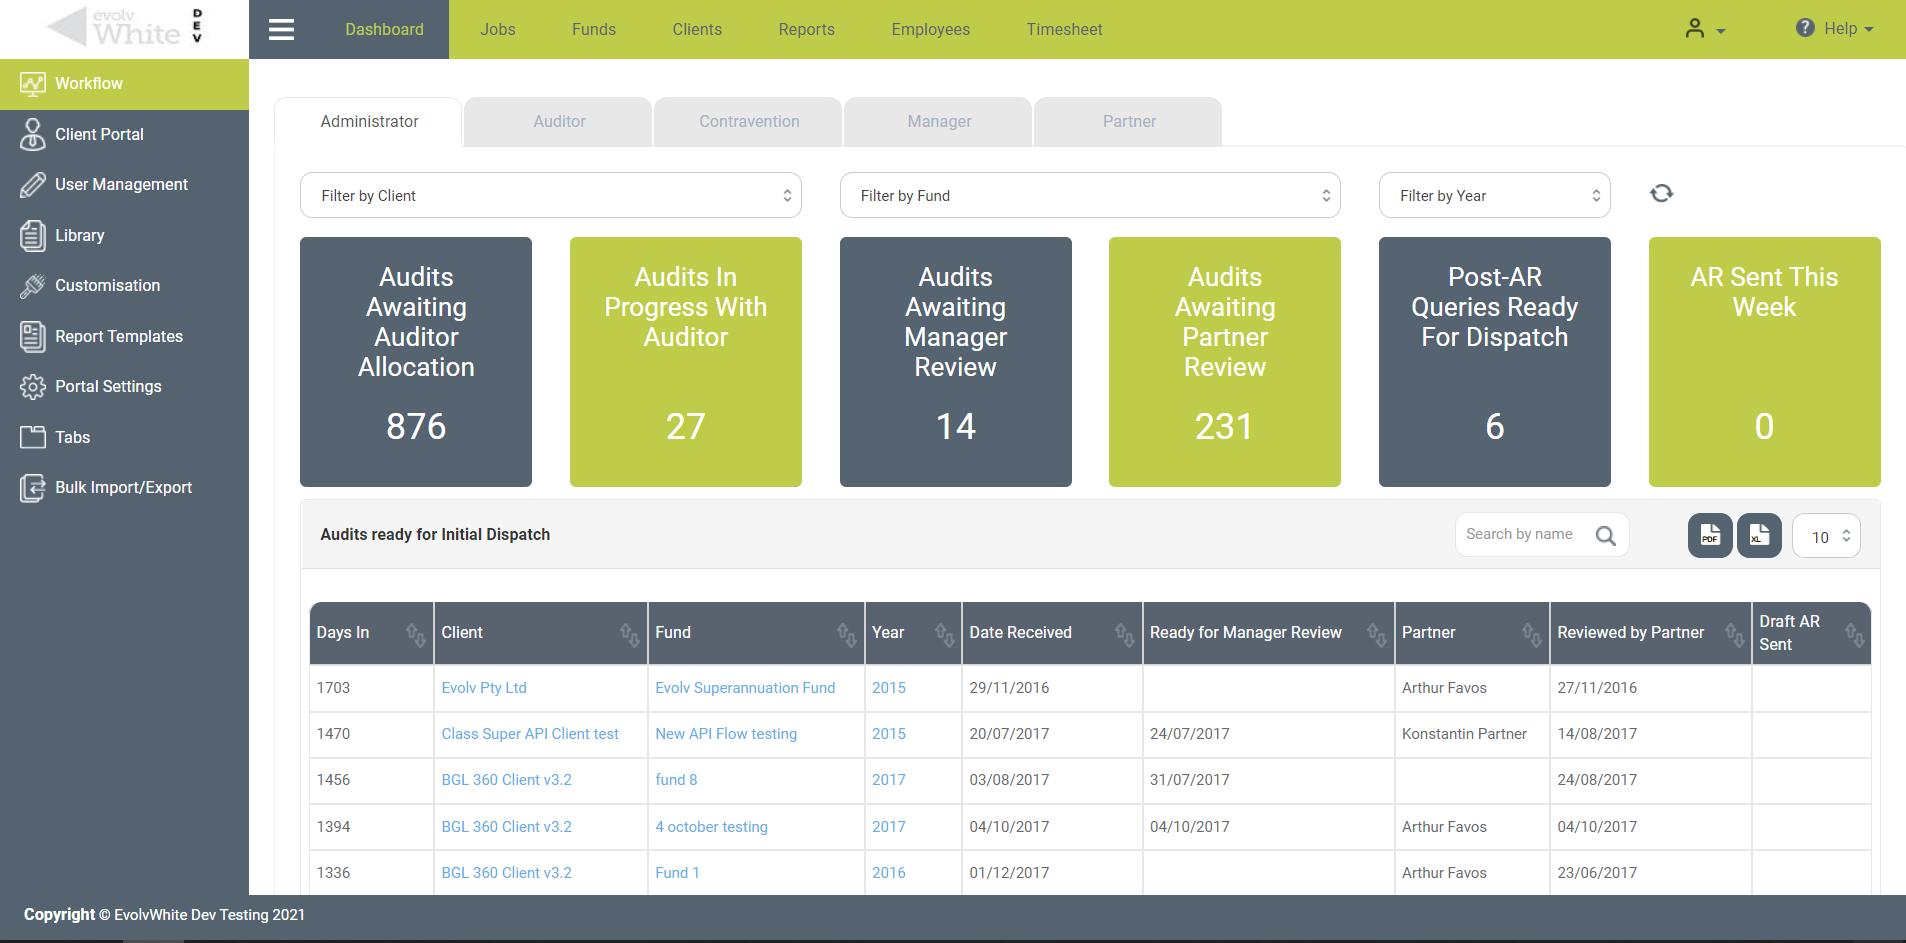 Audit and clients management